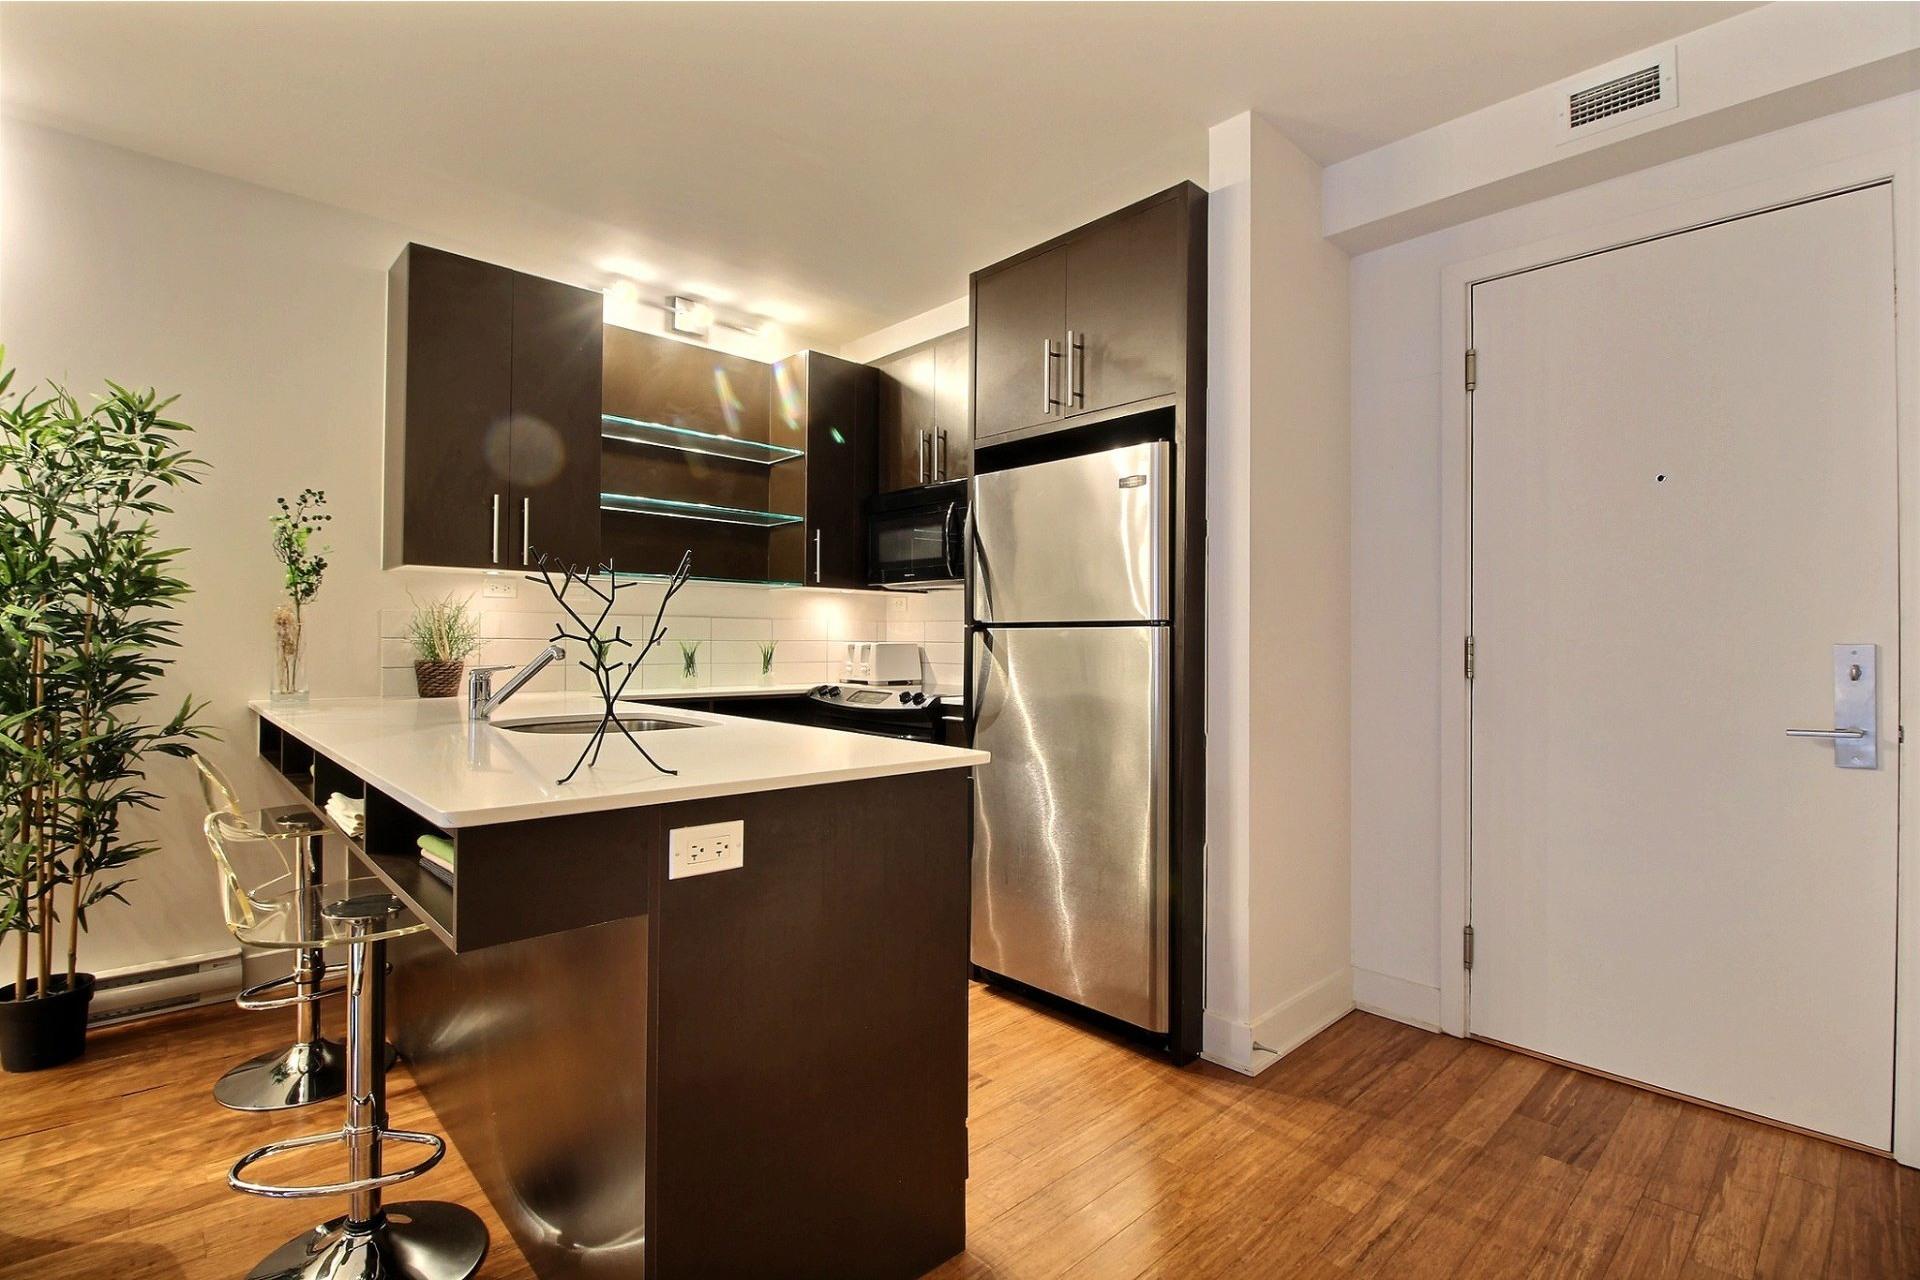 image 6 - Appartement À louer Montréal Le Sud-Ouest  - 6 pièces